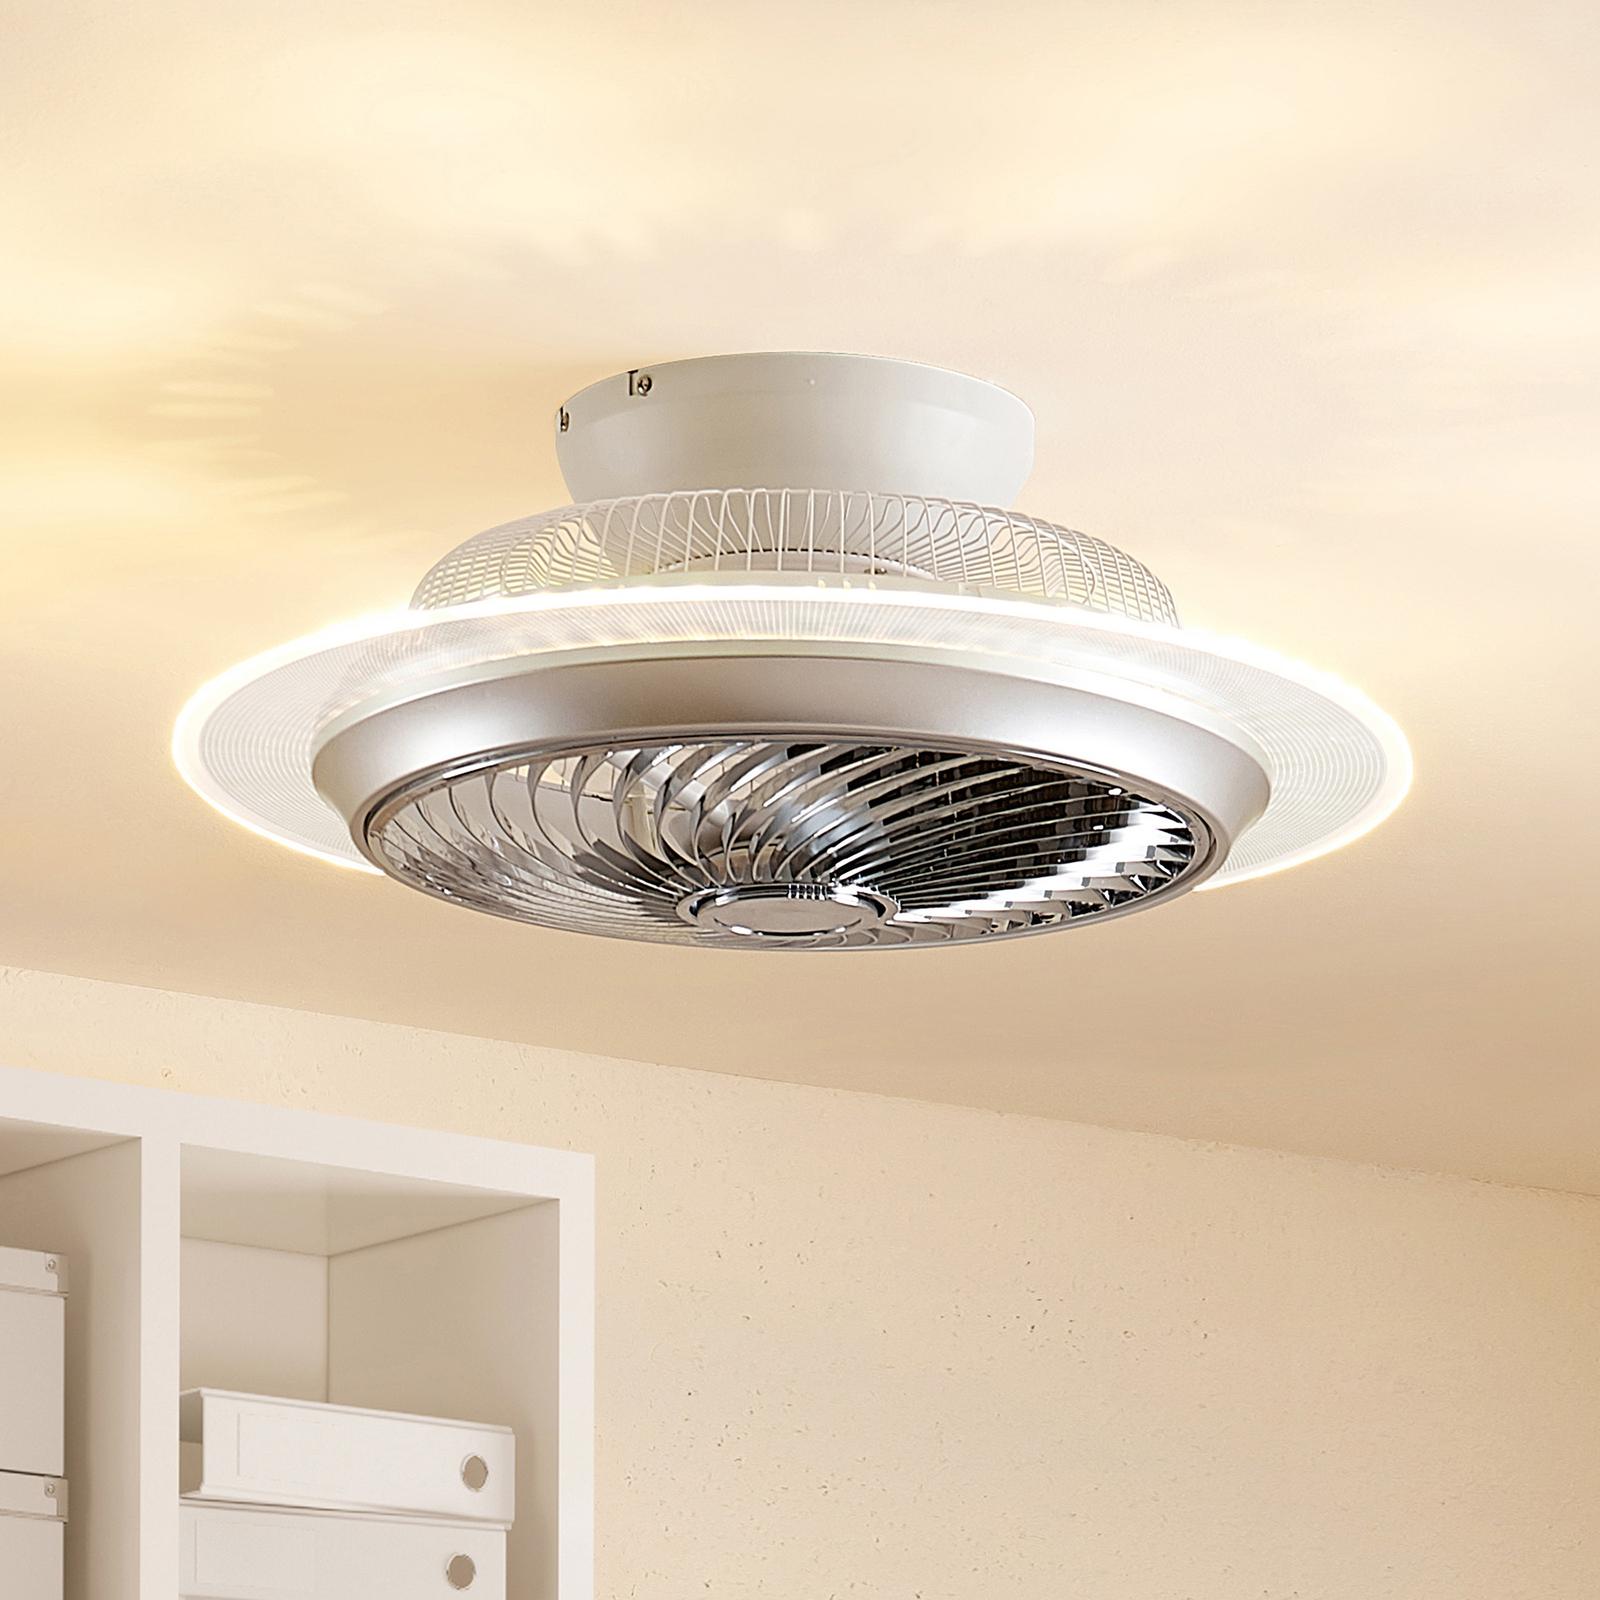 Starluna Yolina LED stropní ventilátor se světlem